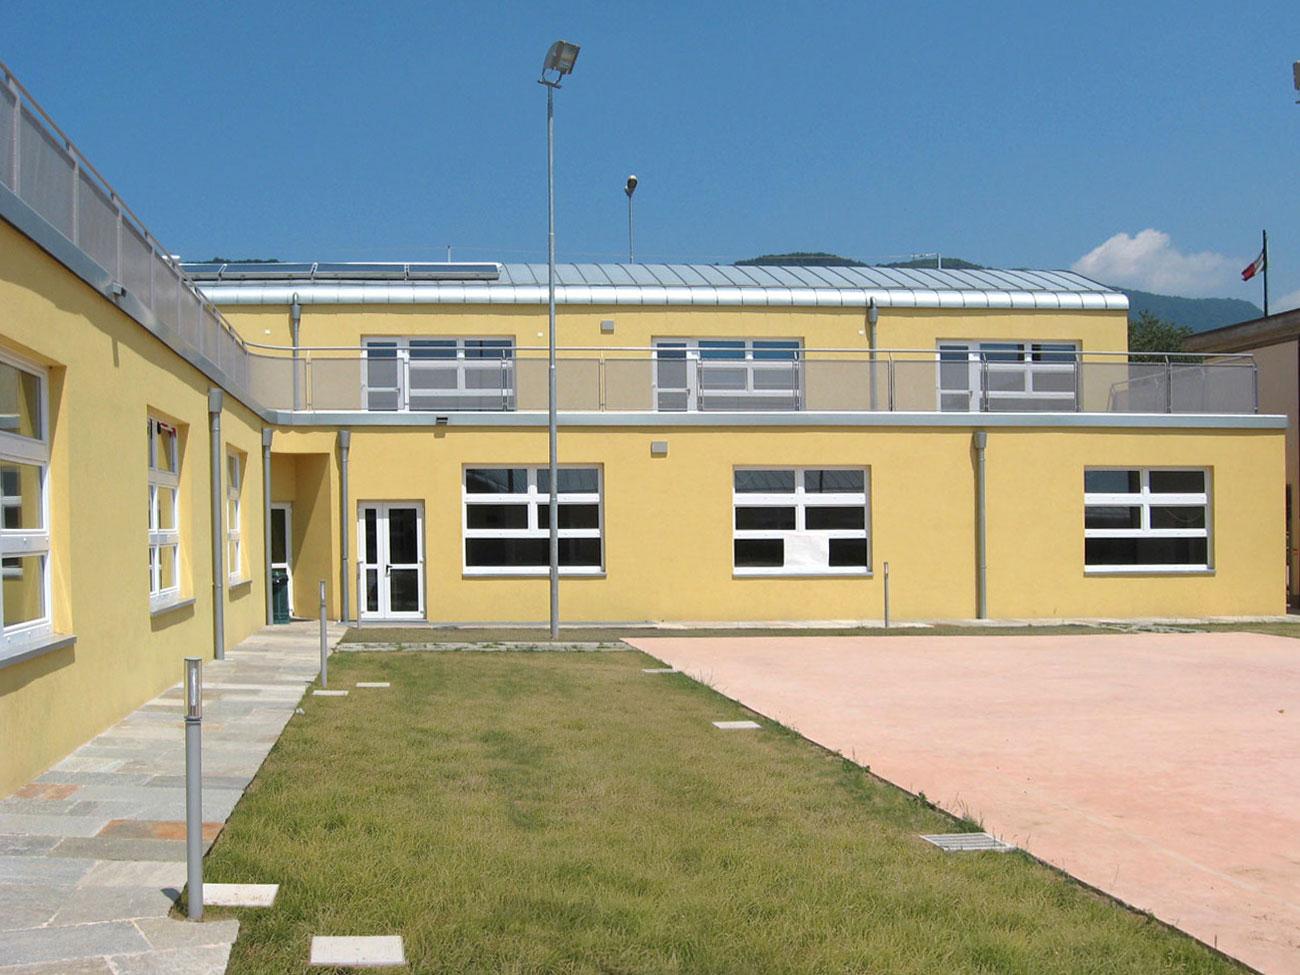 04-Scuola-Provaglio-AIACE-srl (2)